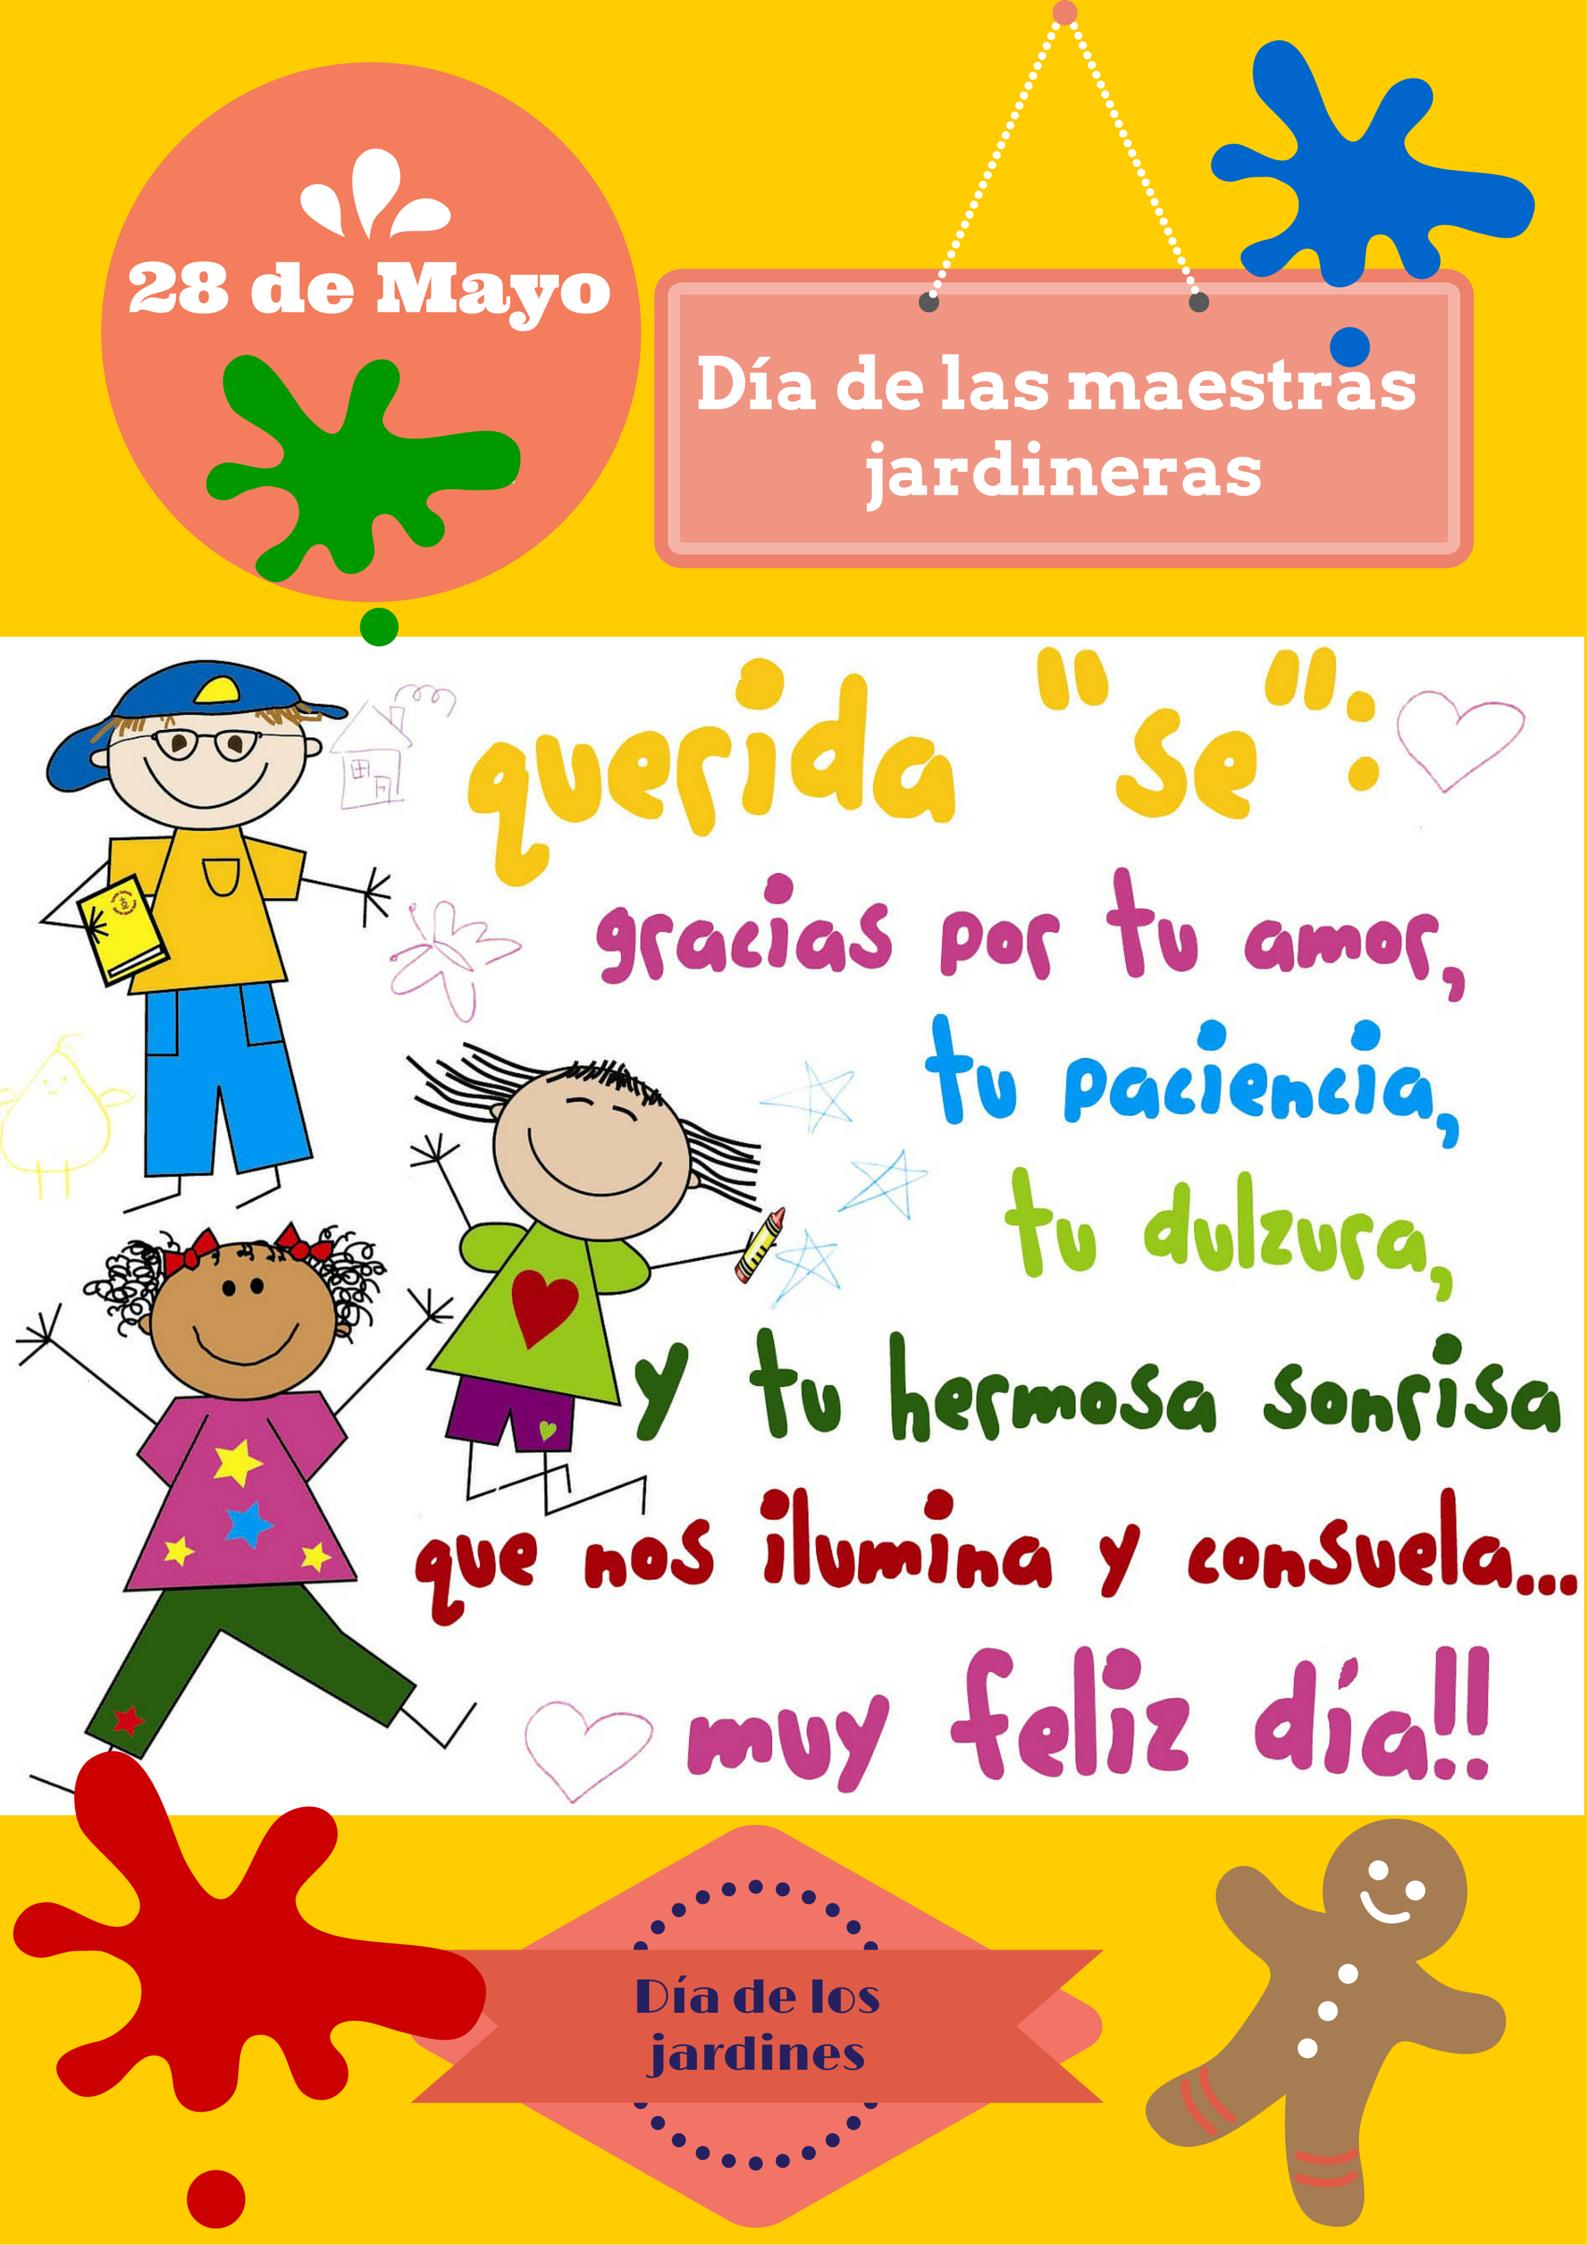 28 de Mayo Día de los jardines de Infantes | Efemérides | Pinterest ...